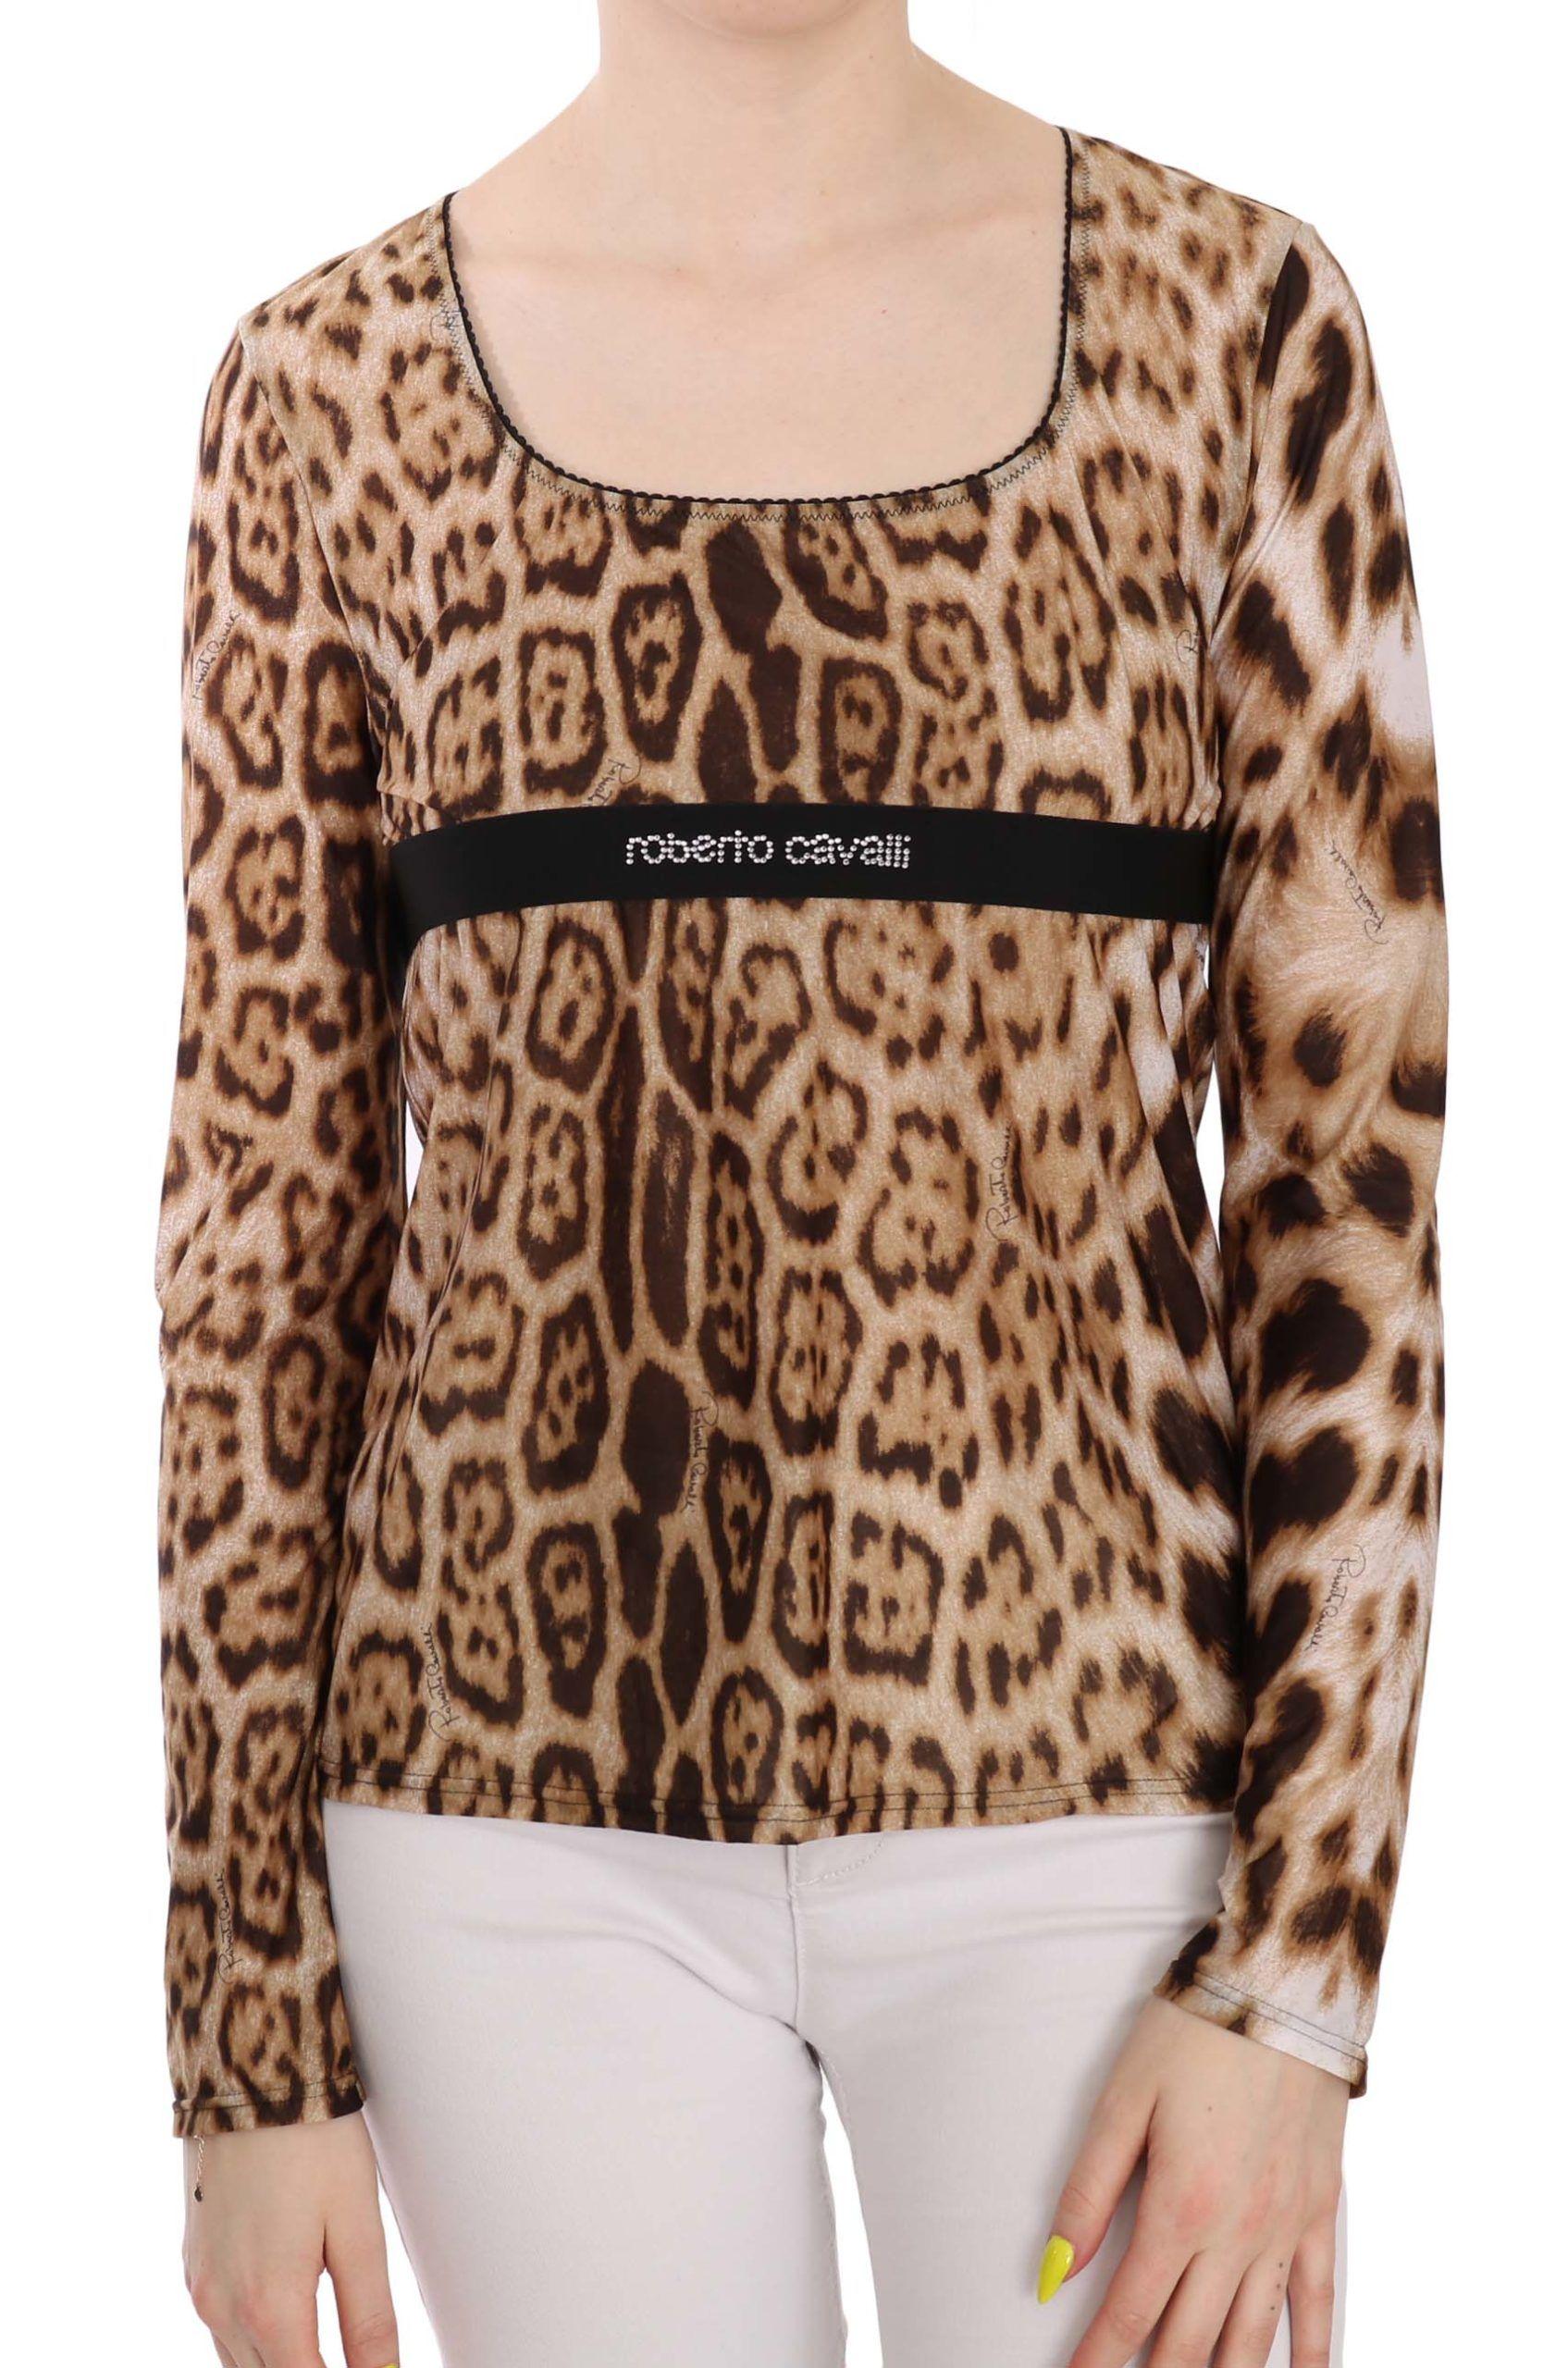 Roberto Cavalli Brown Round Neck Leopard Women Top Blouse